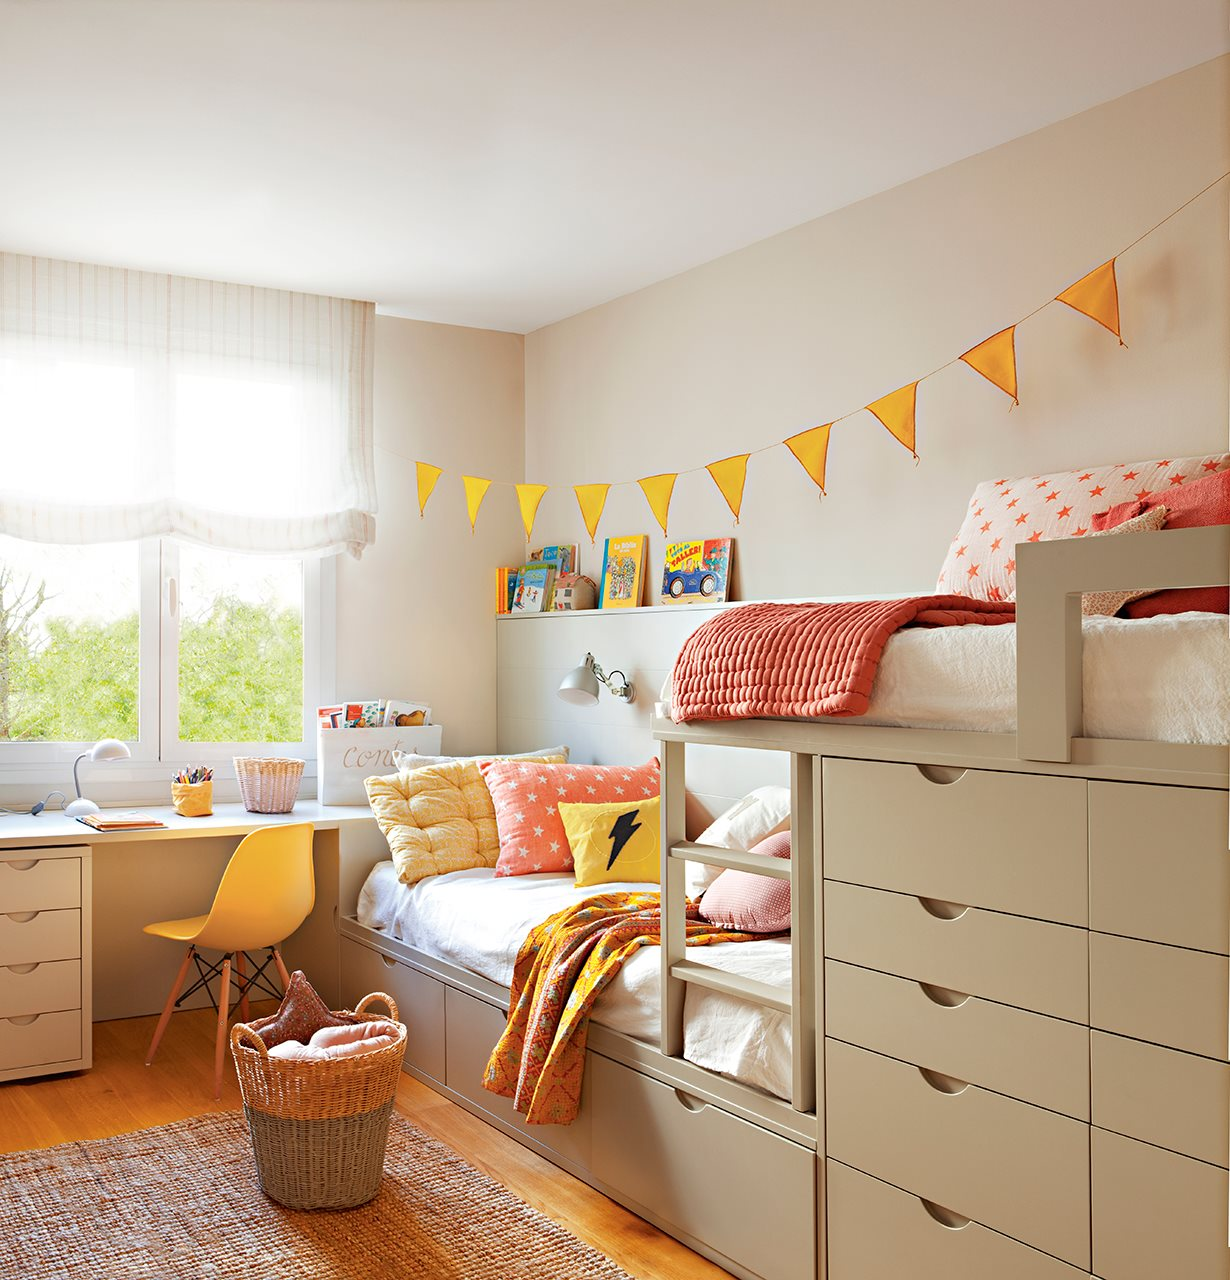 Un piso familiar reformado para ganar luz y comodidad - Dormitorios ninos segunda mano ...